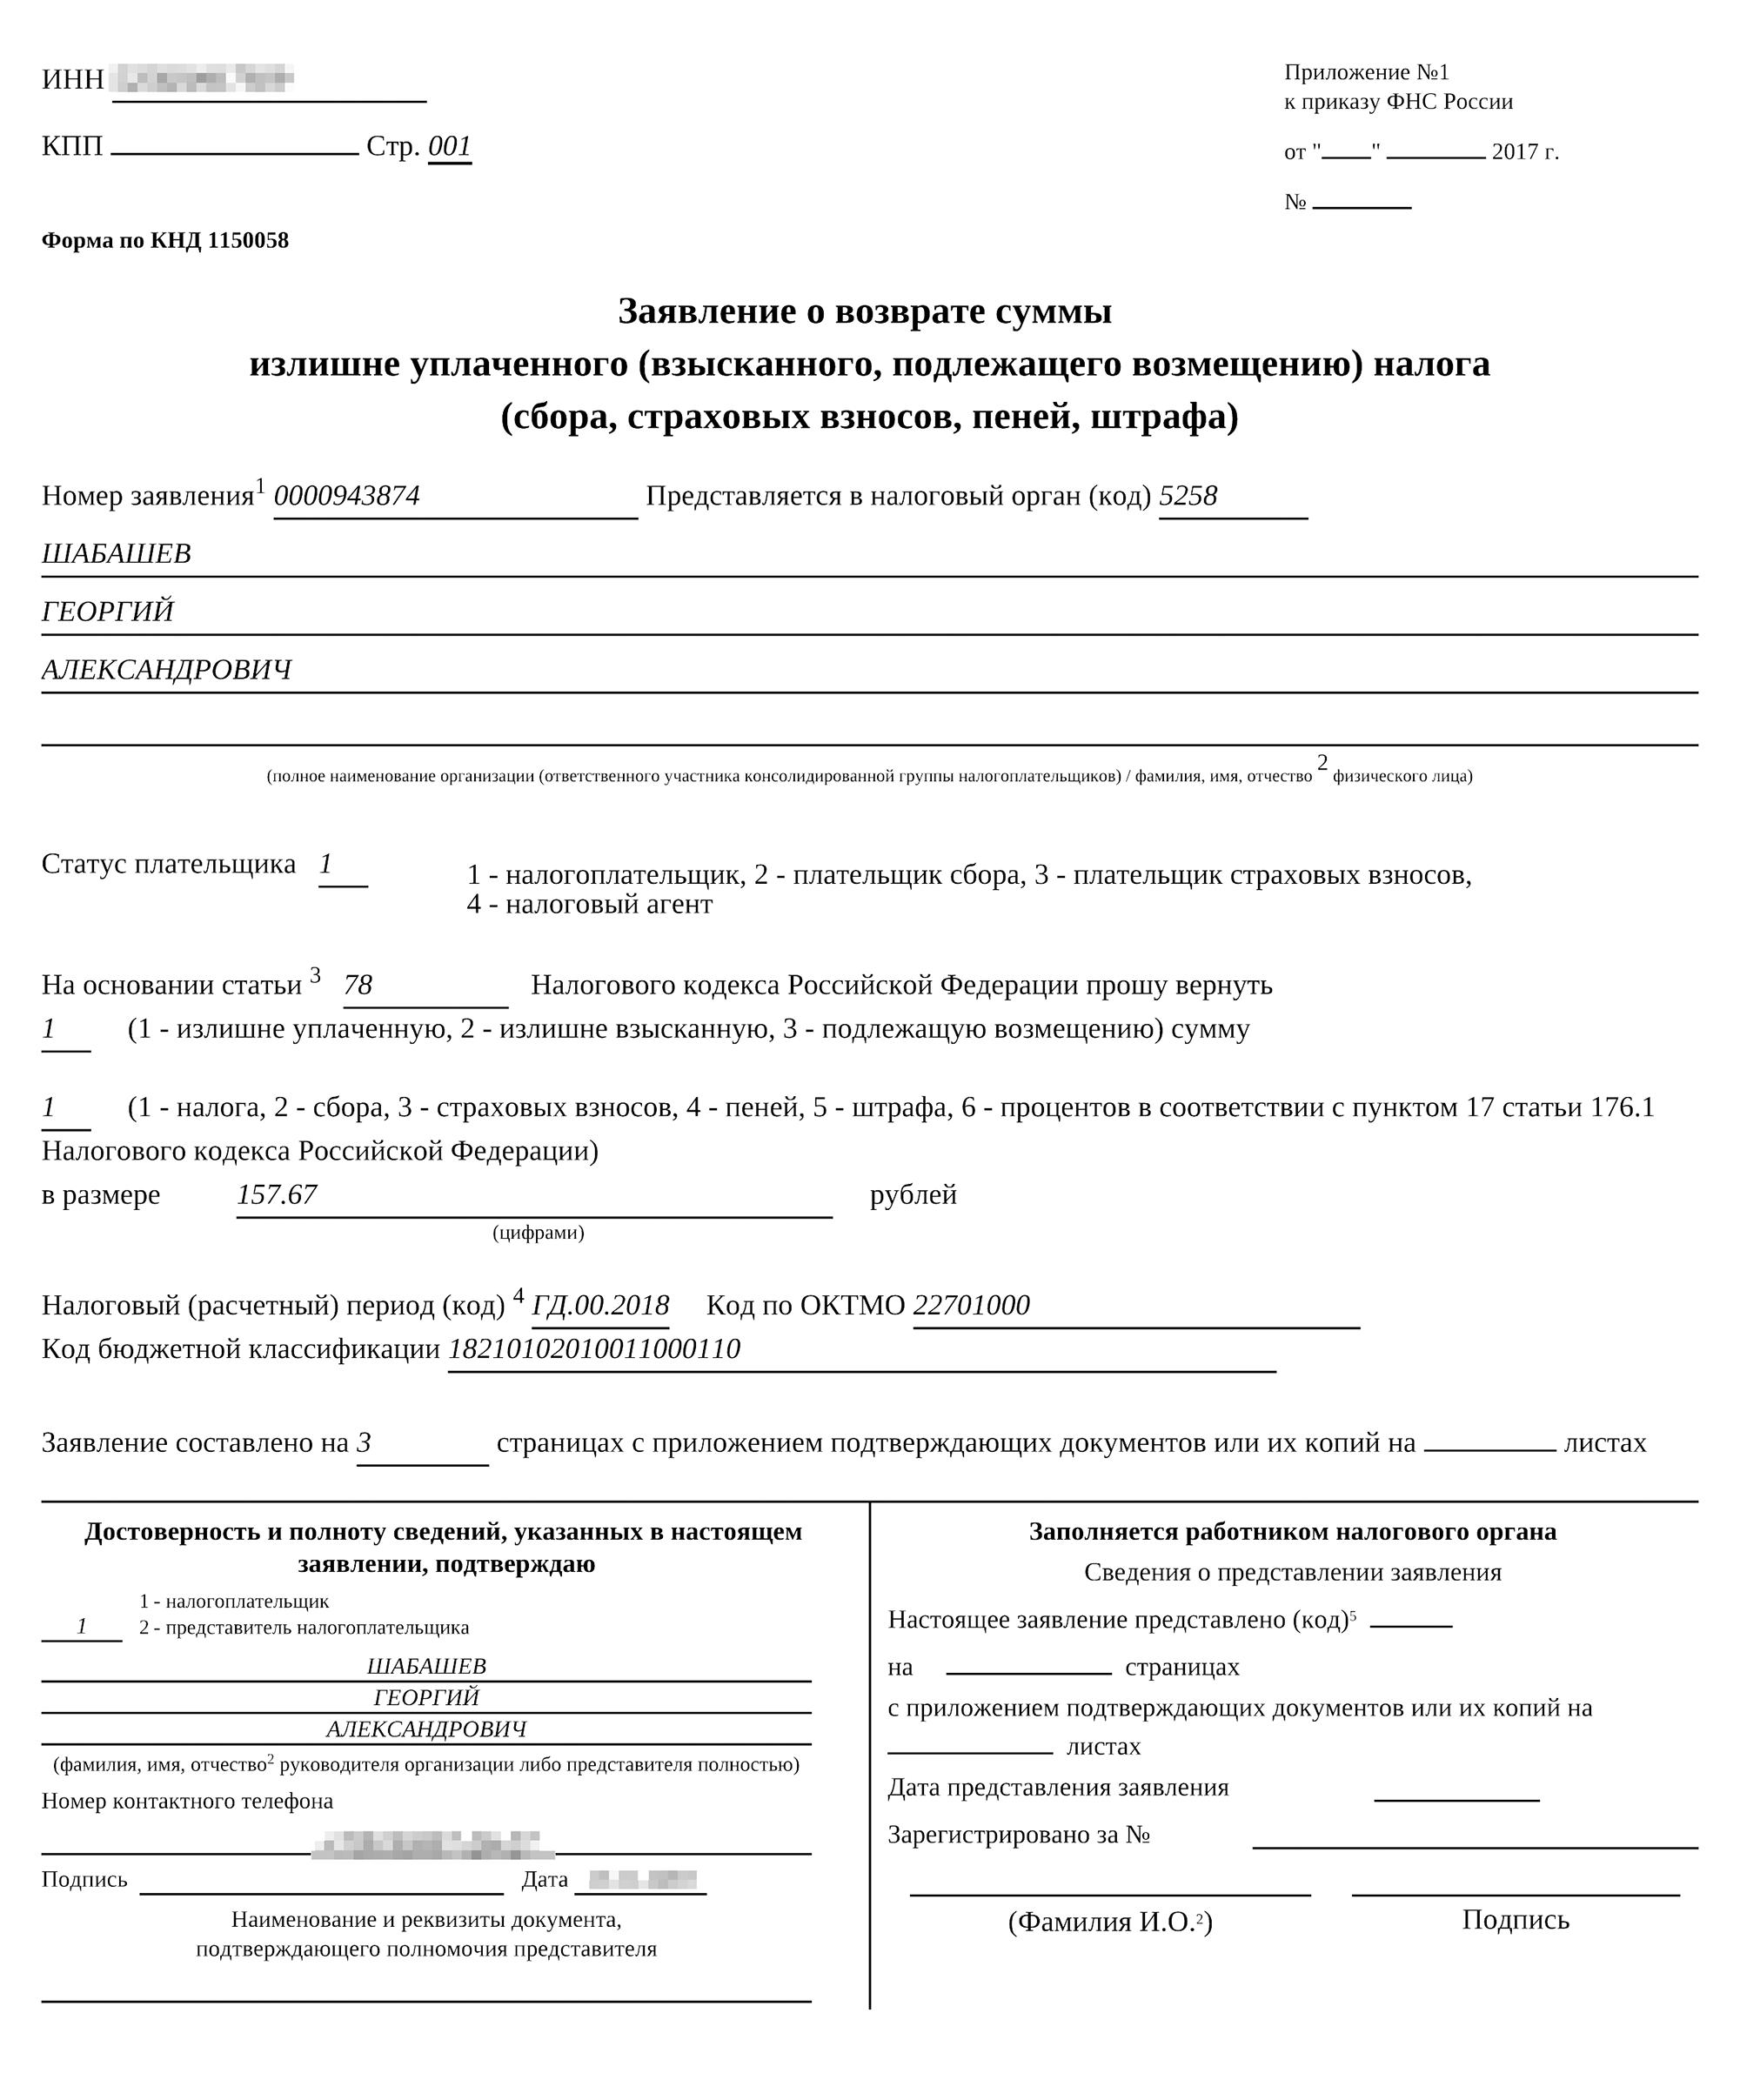 Если отправлять заявление навозврат через личный кабинет, все страницы будут заполнены автоматически